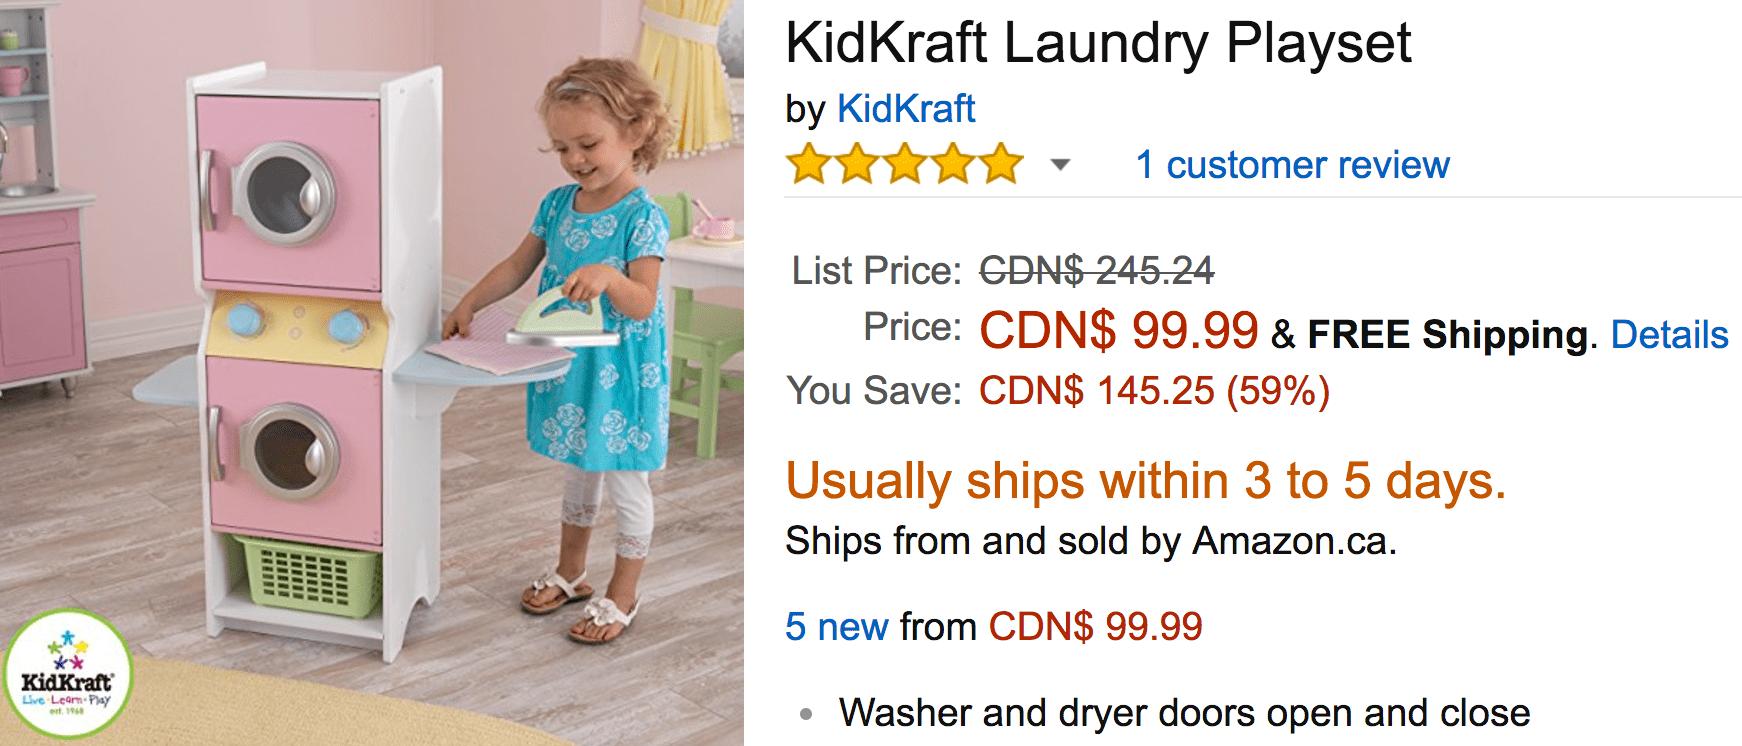 Kidkraft coupon code